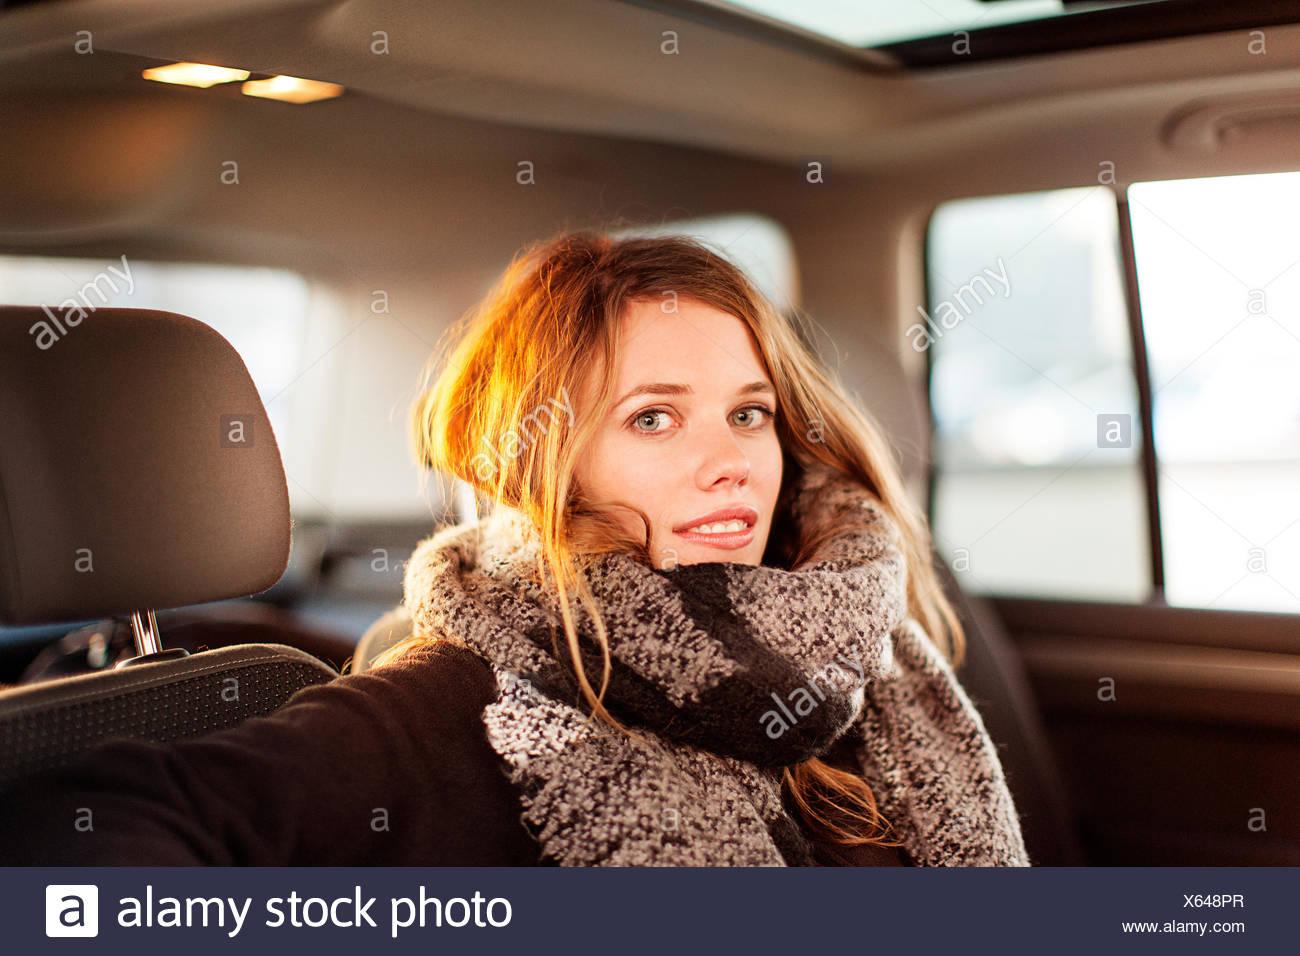 Ritratto di donna sorridente in un auto Immagini Stock